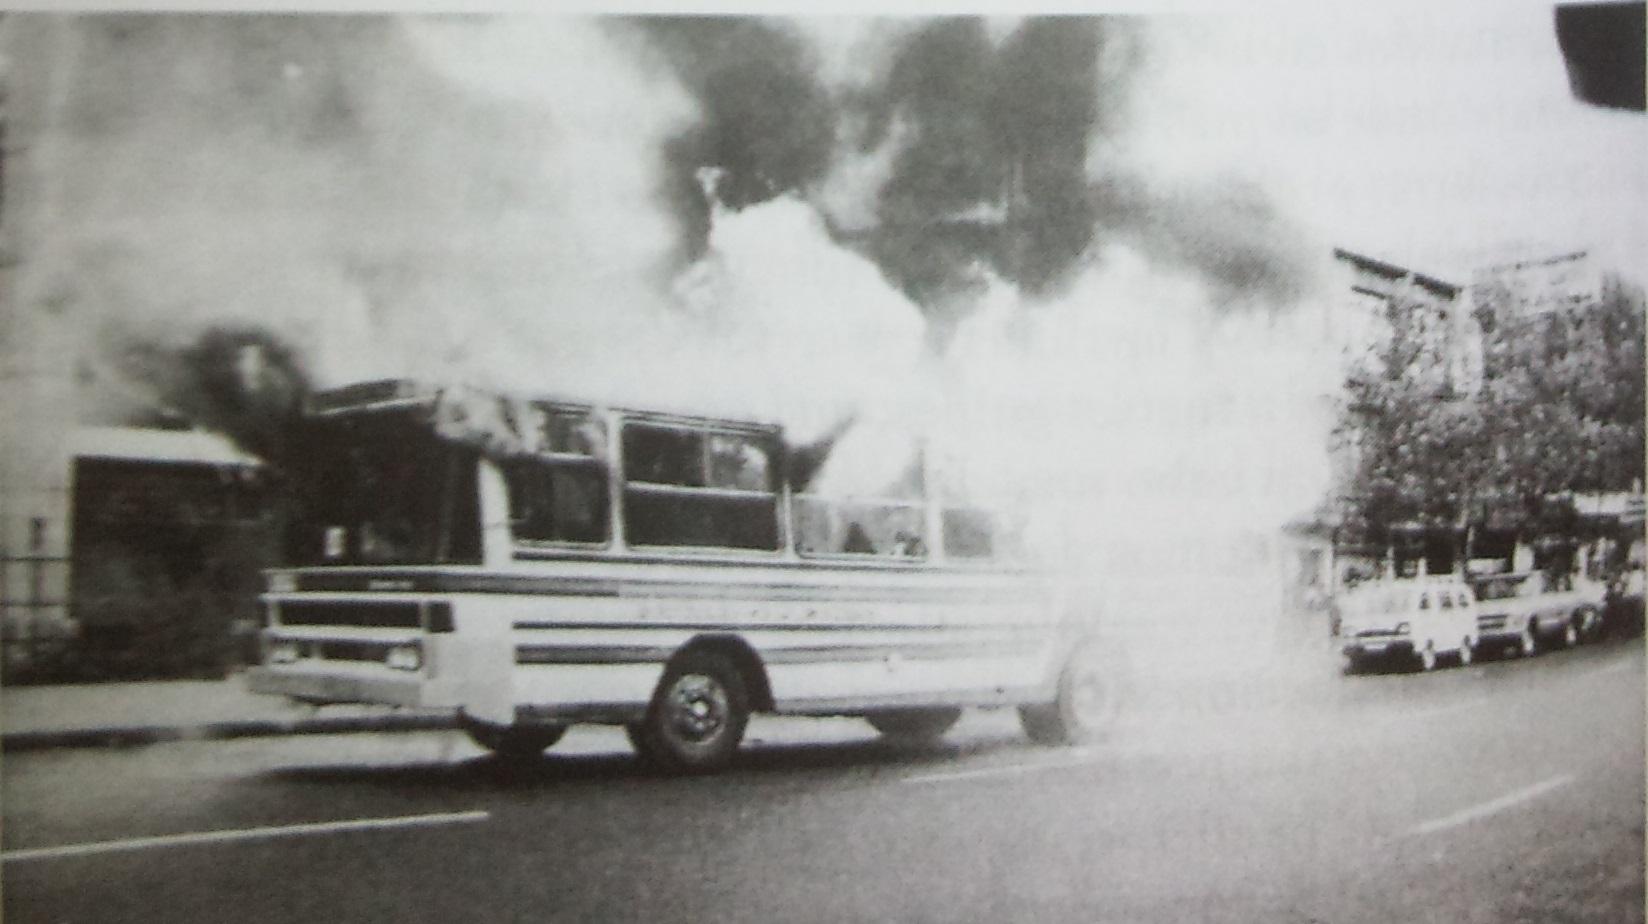 Atentado contra microbús en Santiago, década de 1980, archivo fotográfico Fortín Mapocho